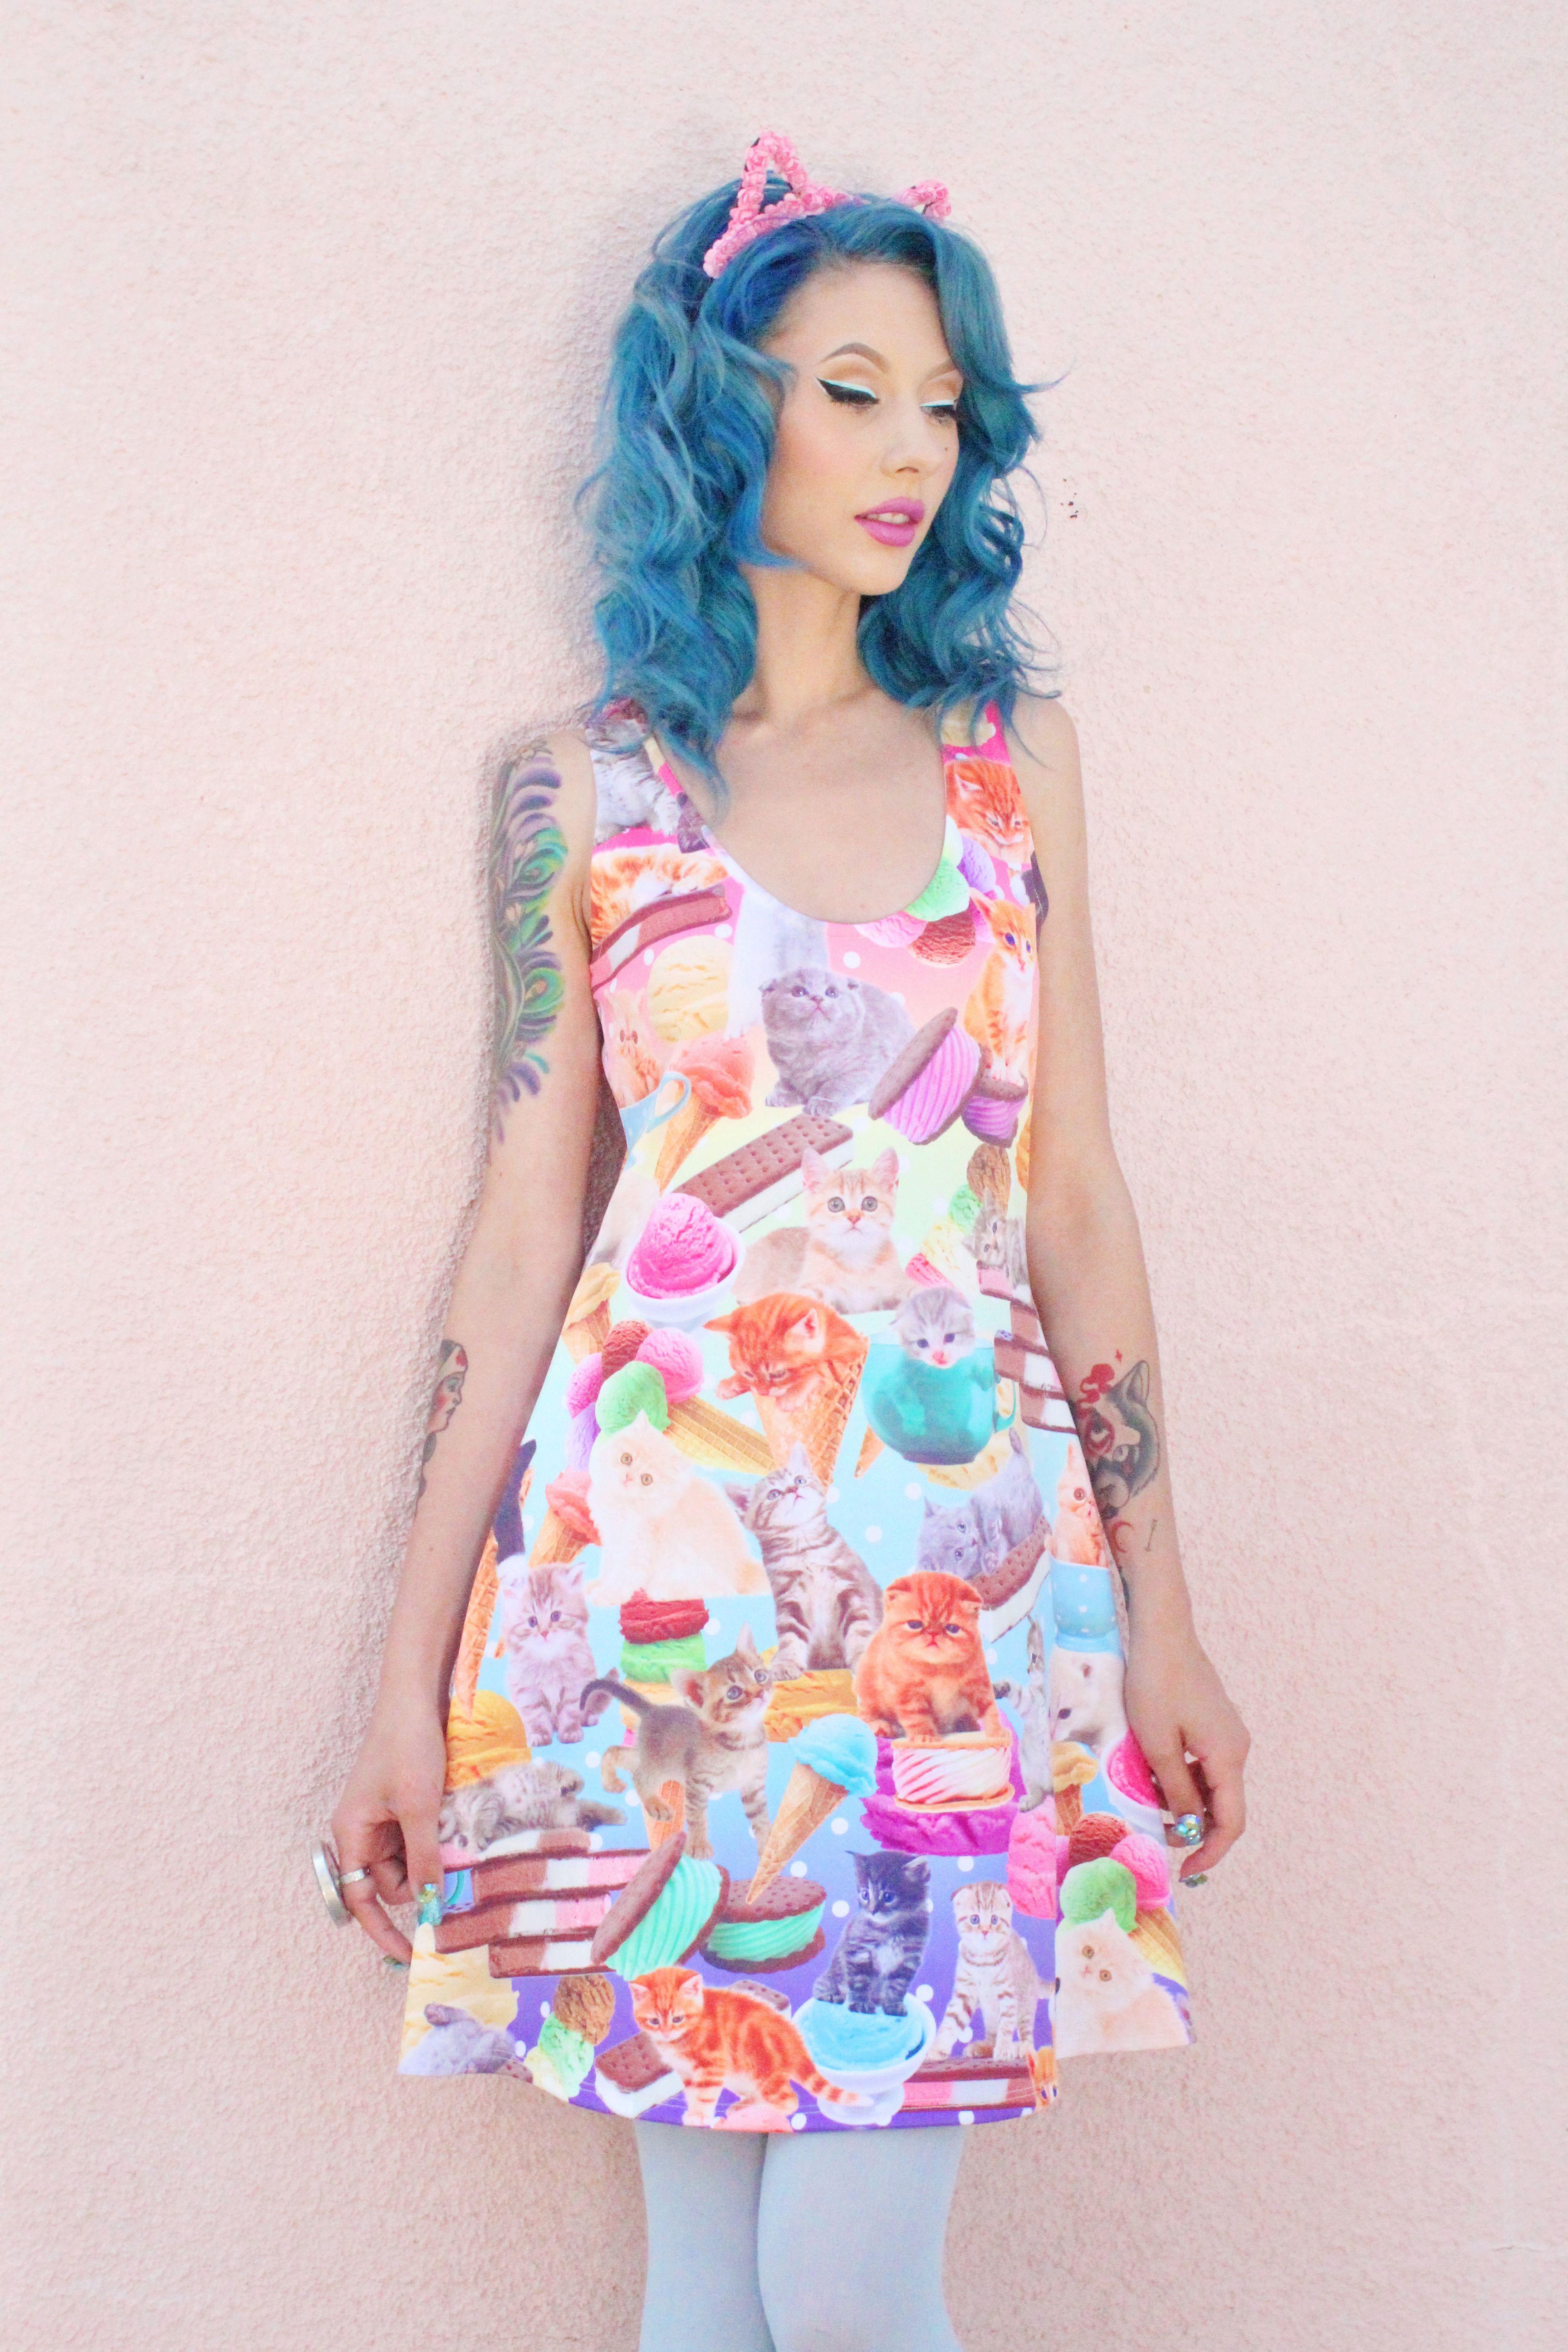 Pin de Lillian Ripley en Glam & Hard Candy   Pinterest